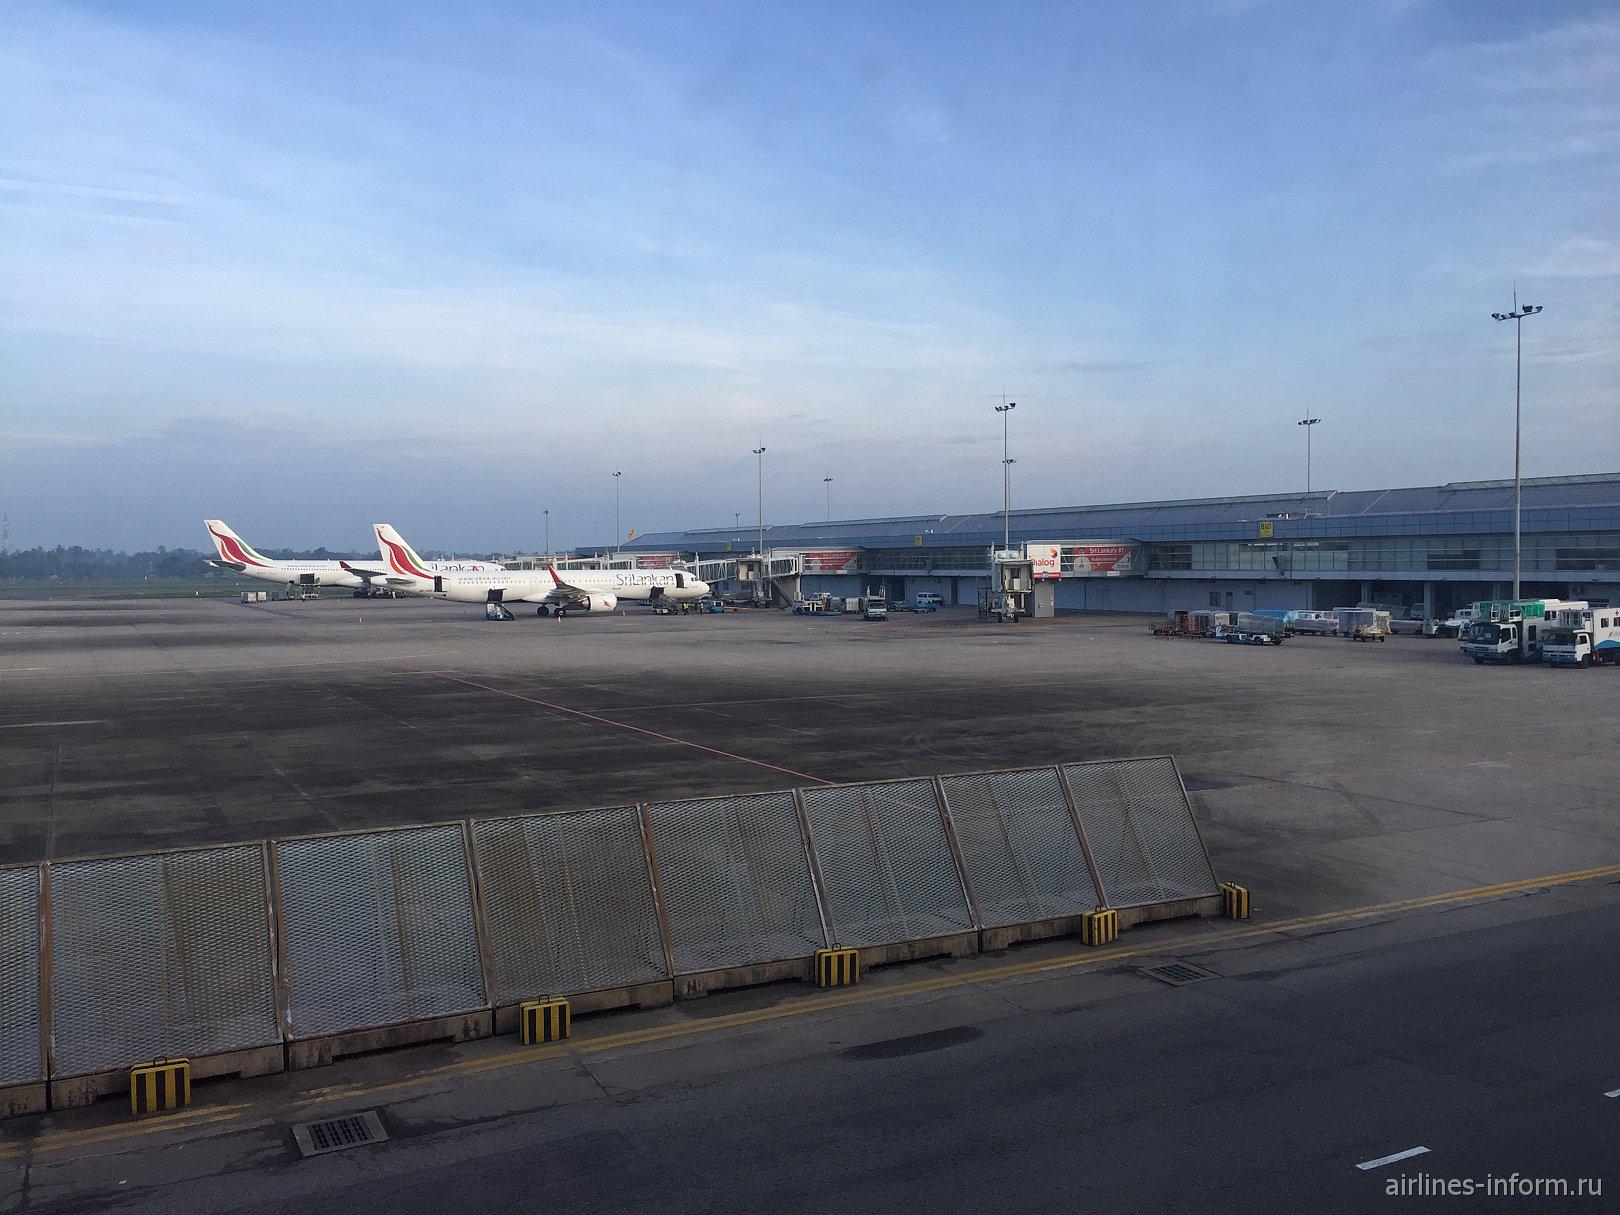 Перрон аэропорта Коломбо Бандаранайке